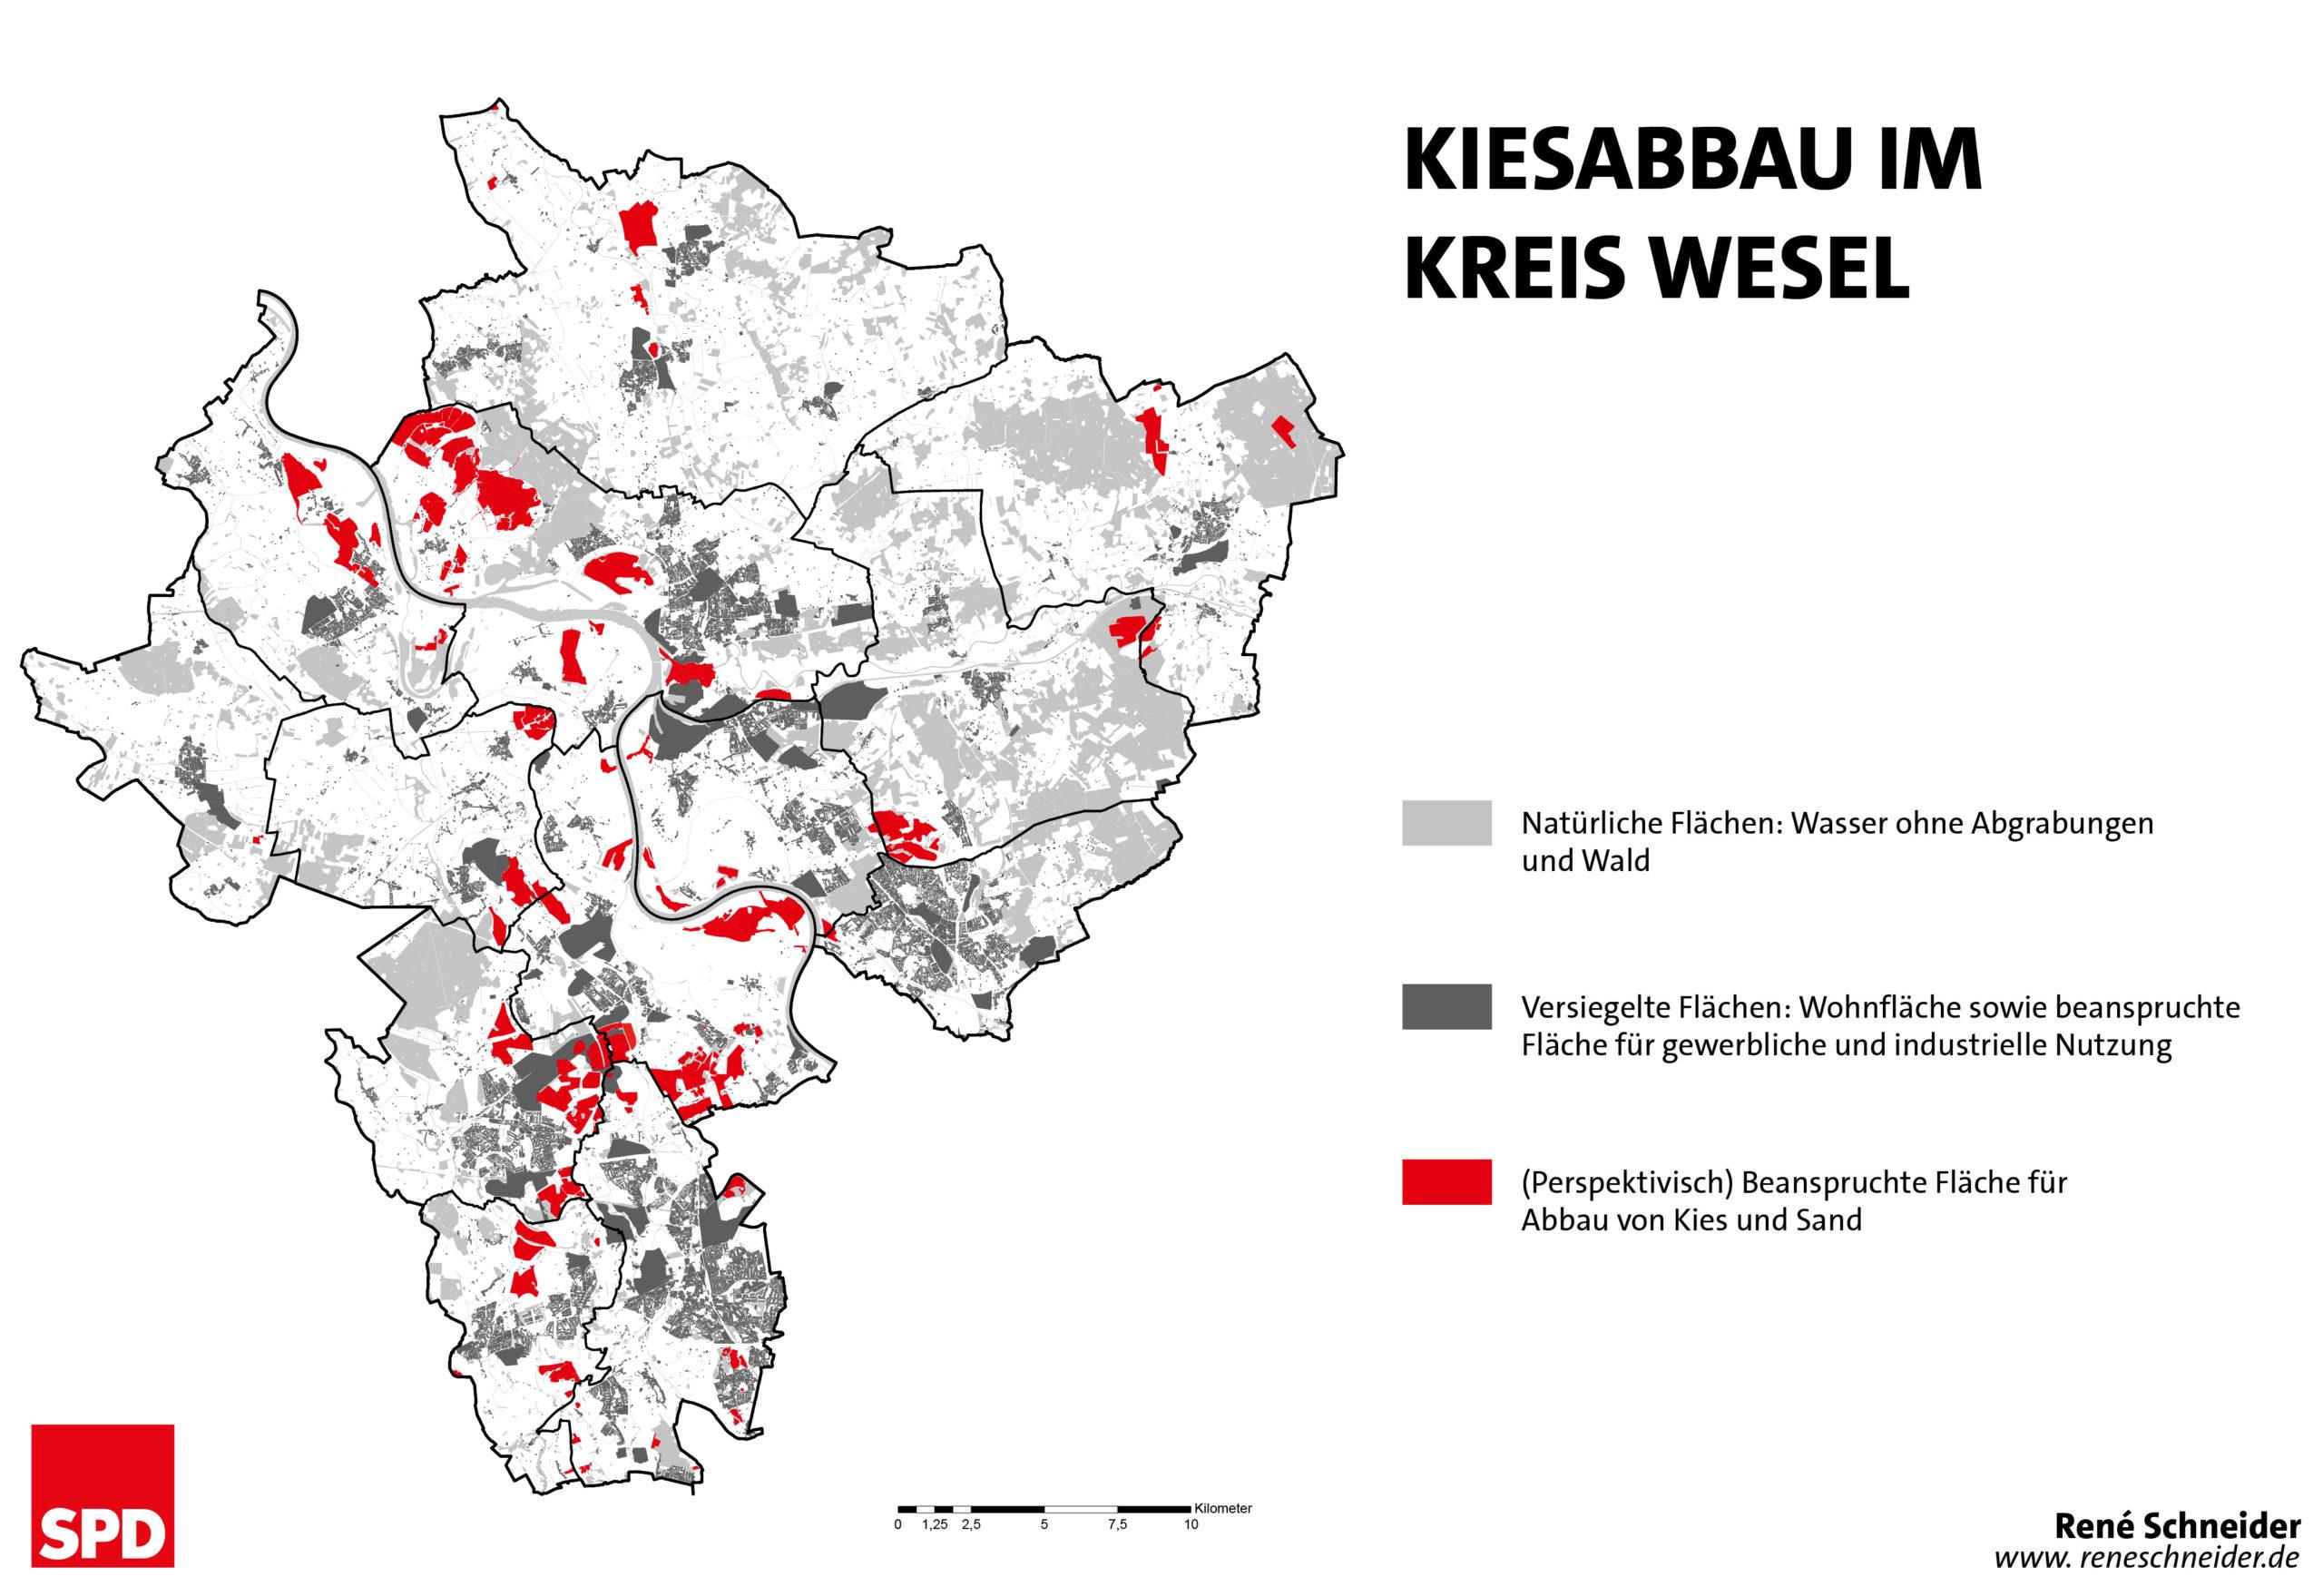 Kiesabbau im Kreis Wesel